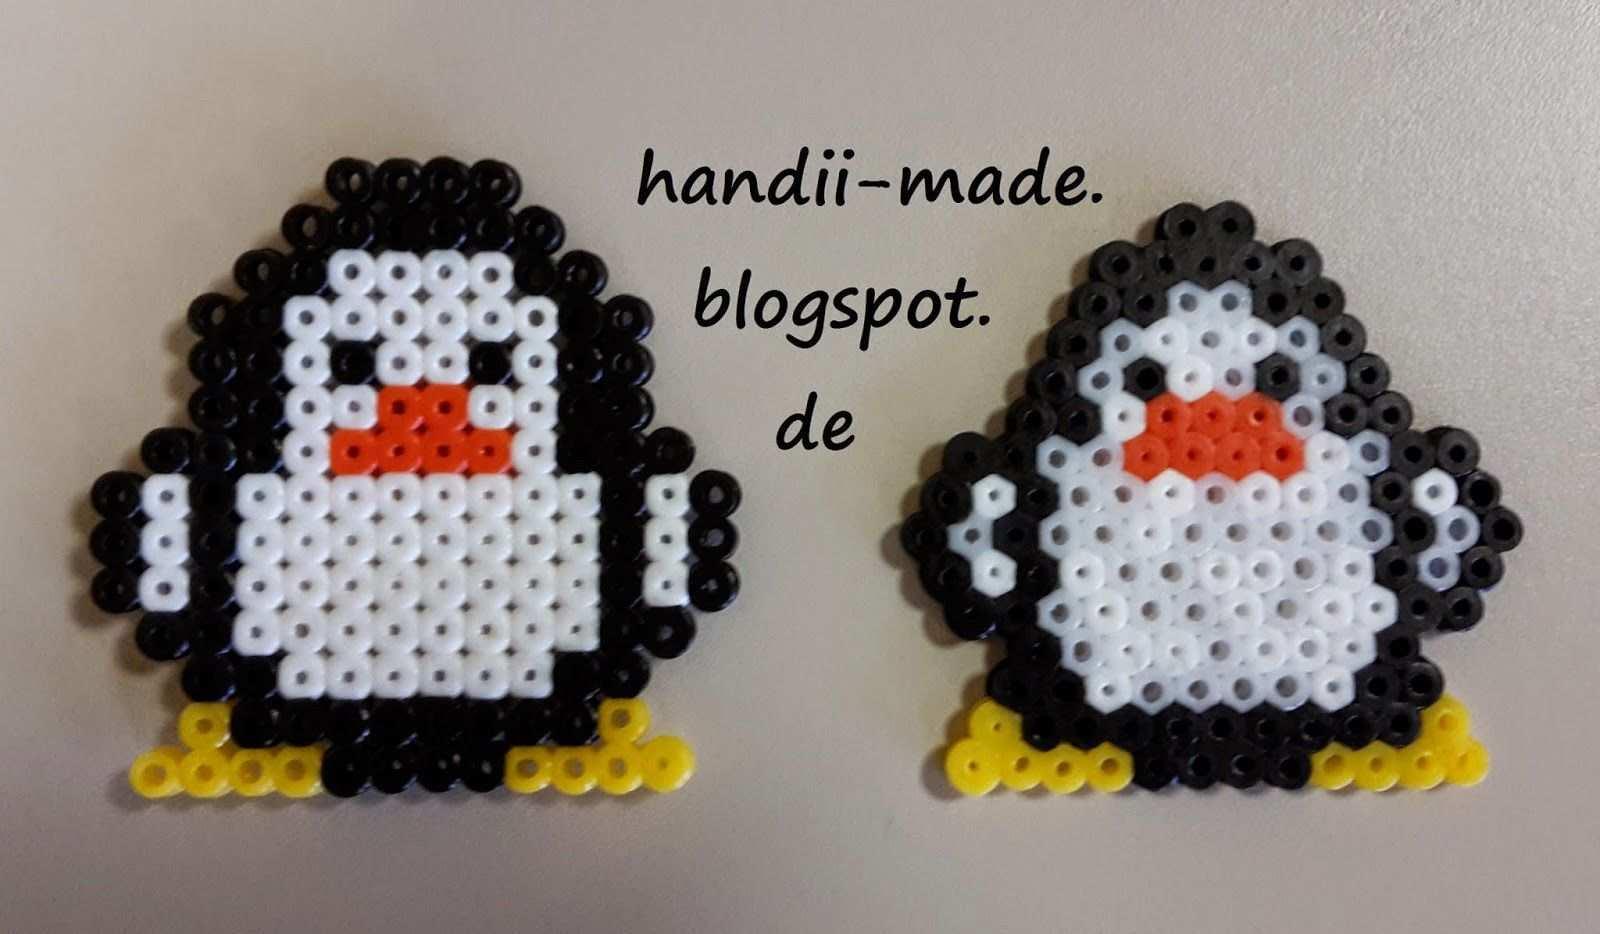 Handii Made Bugelperlen Pinguine Basteln Bugelperlen Bugelperlen Basteln Mit Kindern